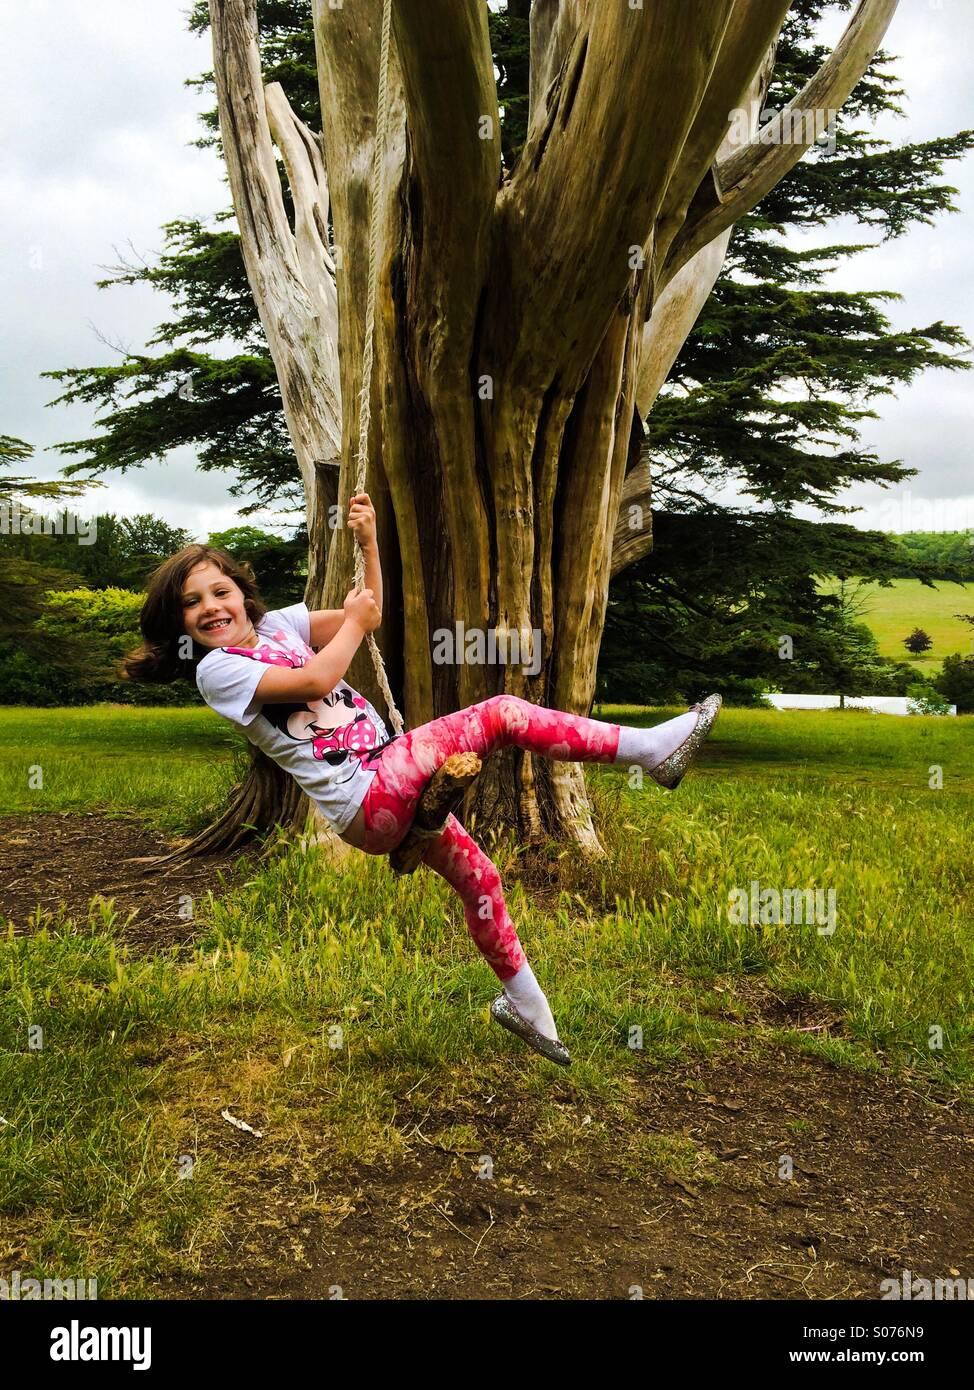 Fünf Jahre altes Mädchen auf Baum-Schaukel Stockbild